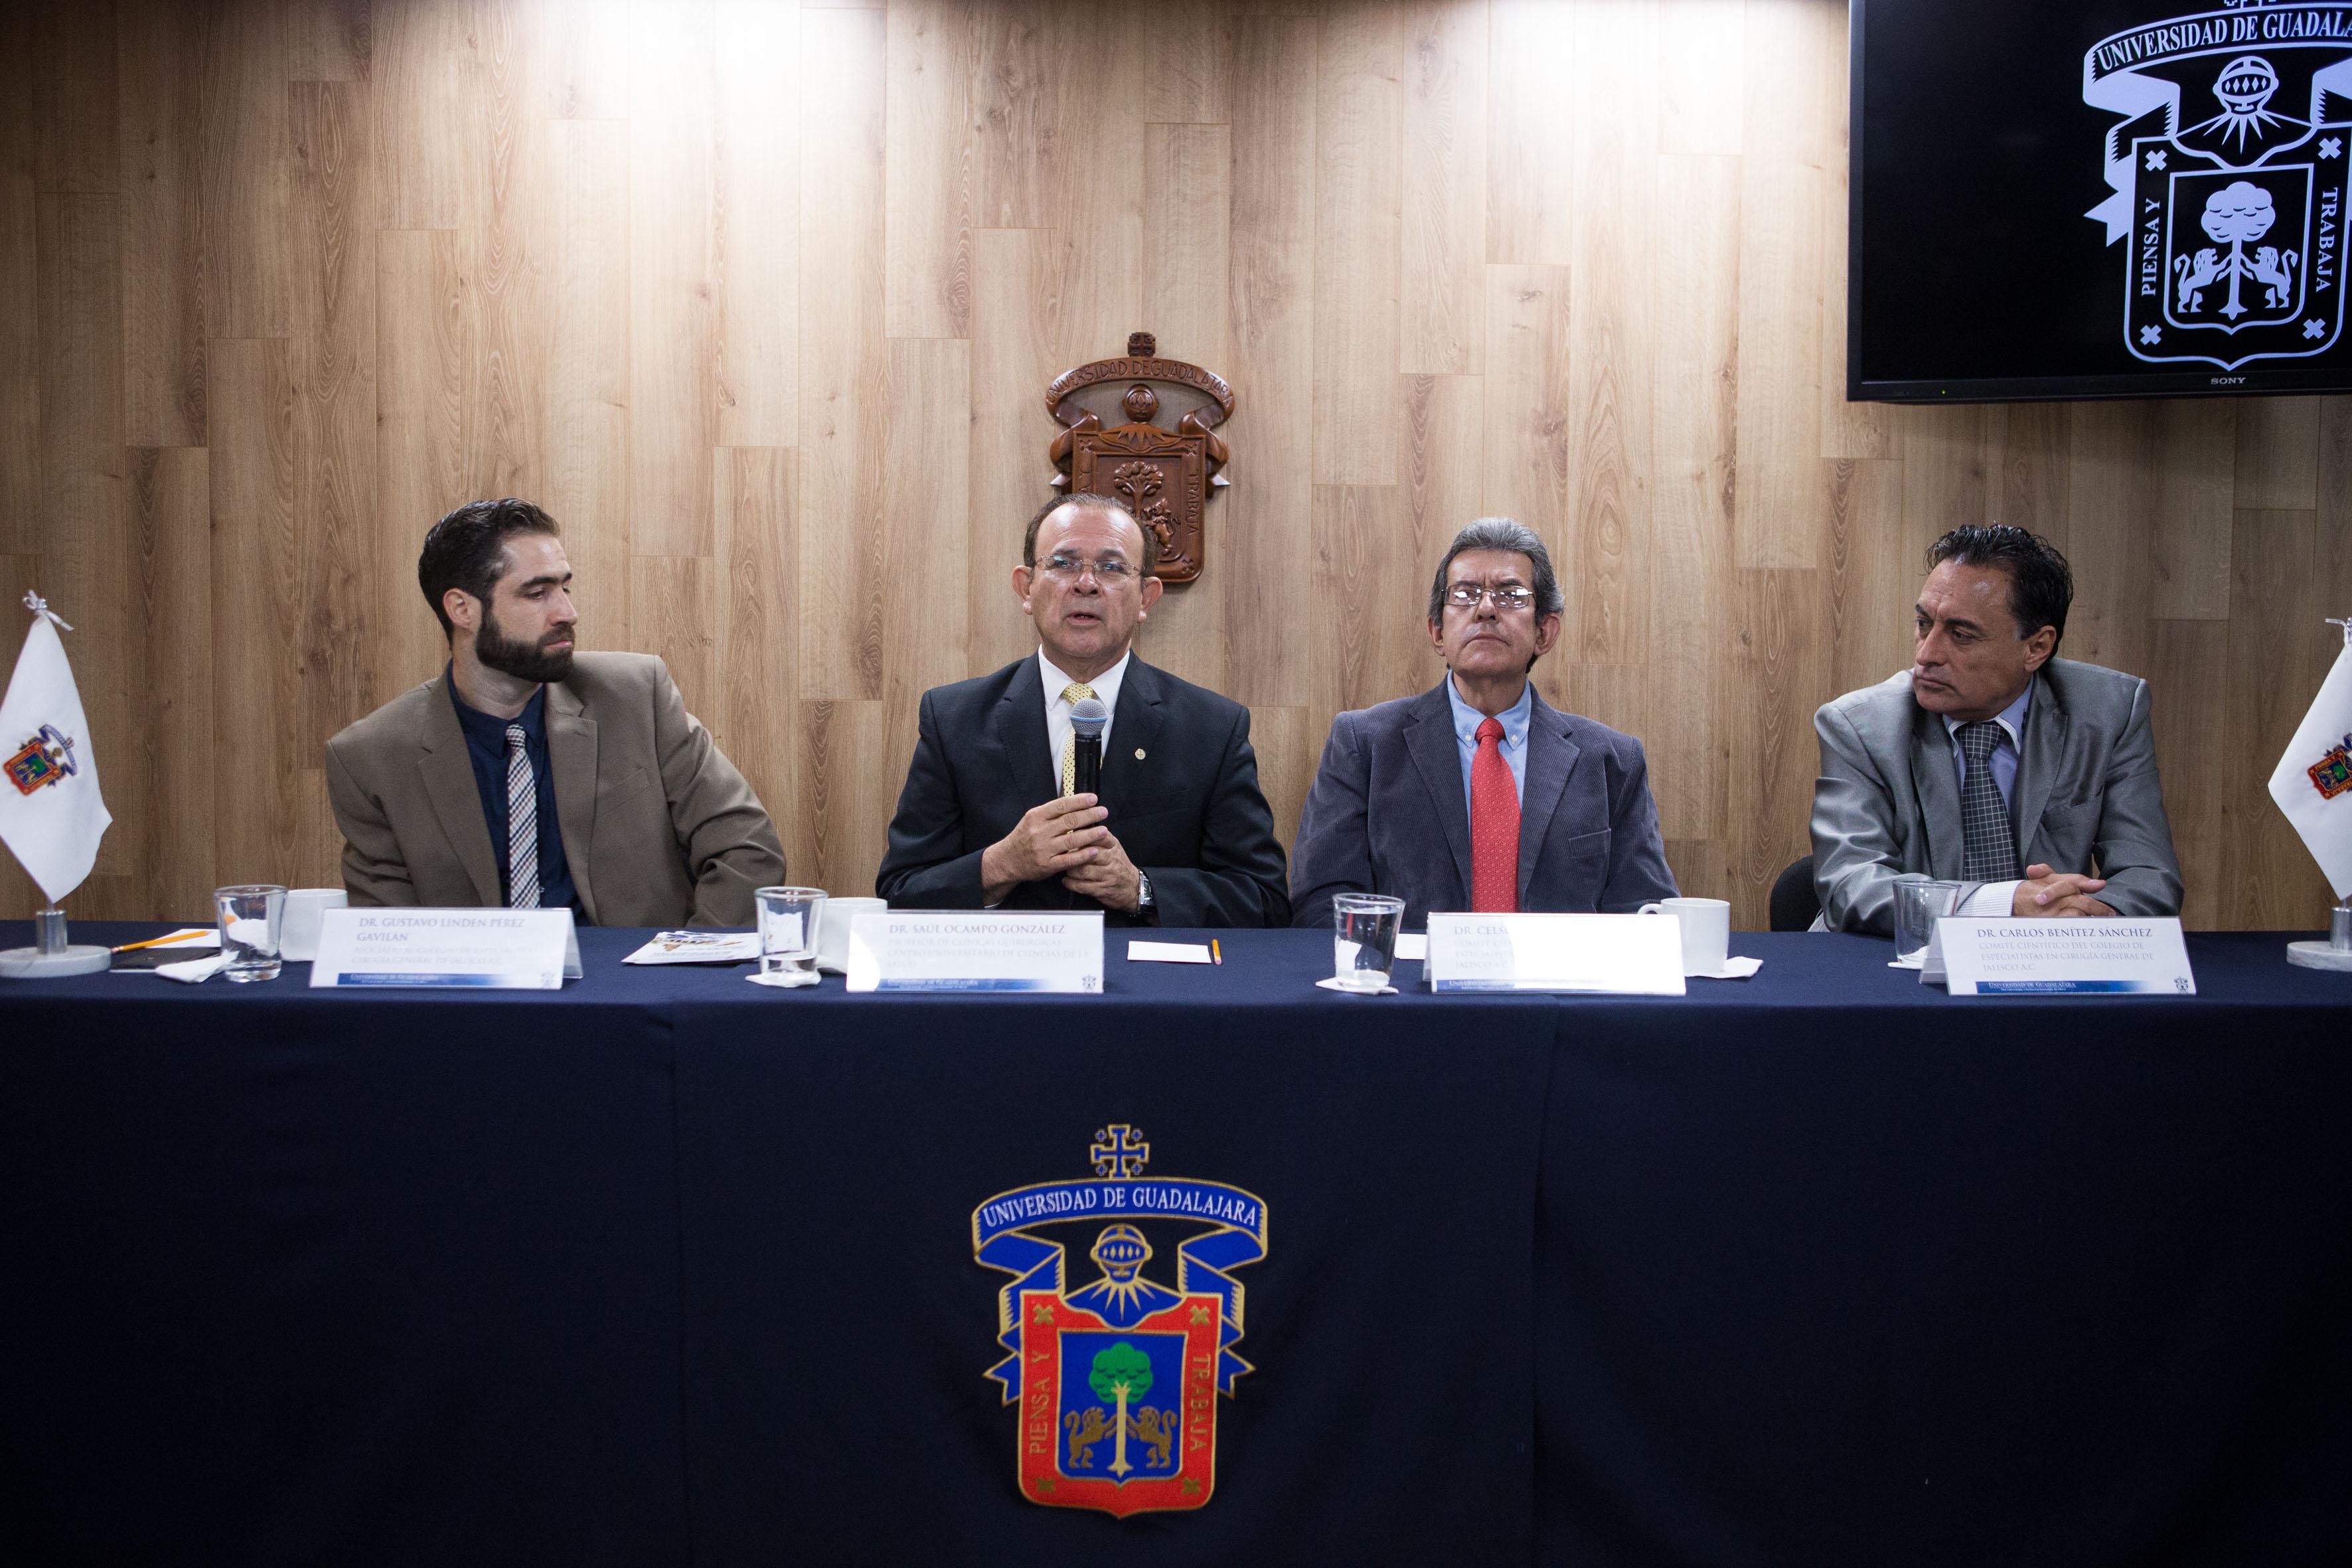 Especialistas participantes dando a conocer la reunión regional de occidente de la asociación mexicana de ciruga general.